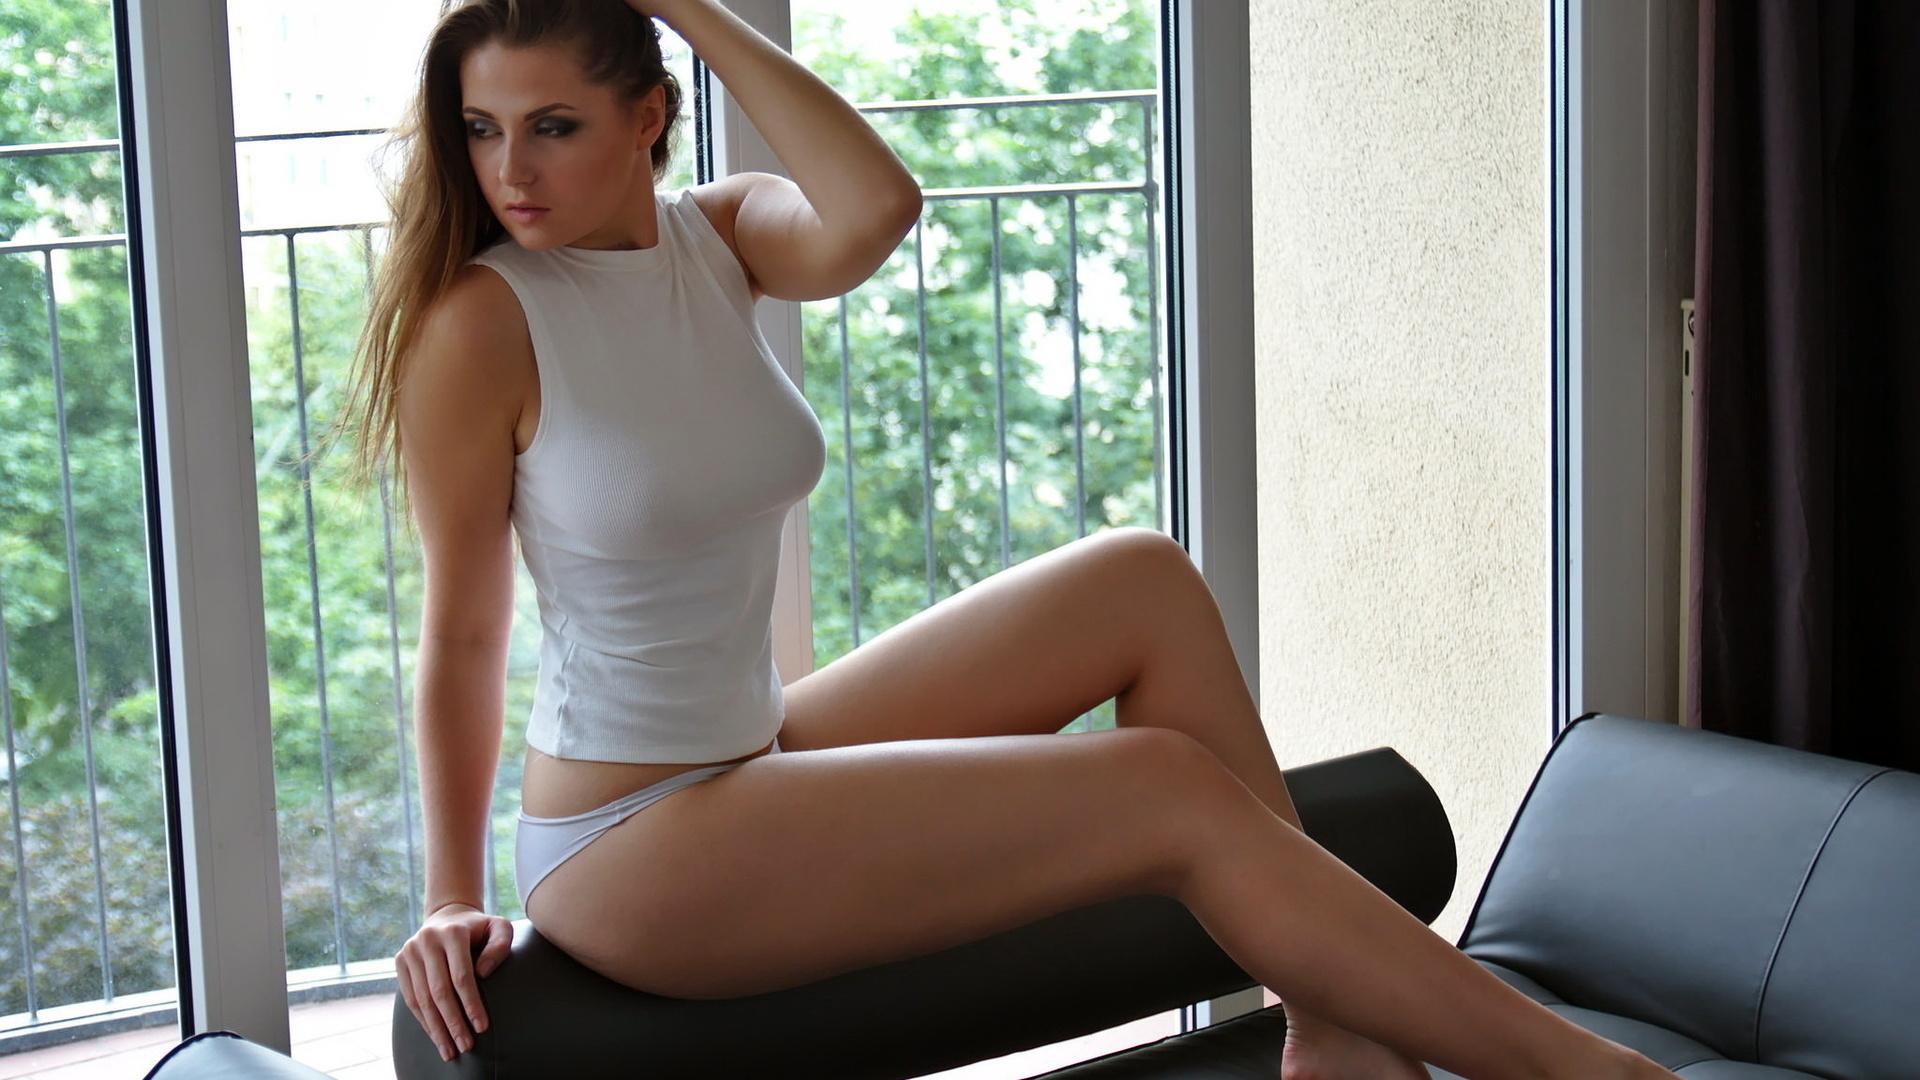 Купальнике ноги раздвинутые белые трусики молодые девушки